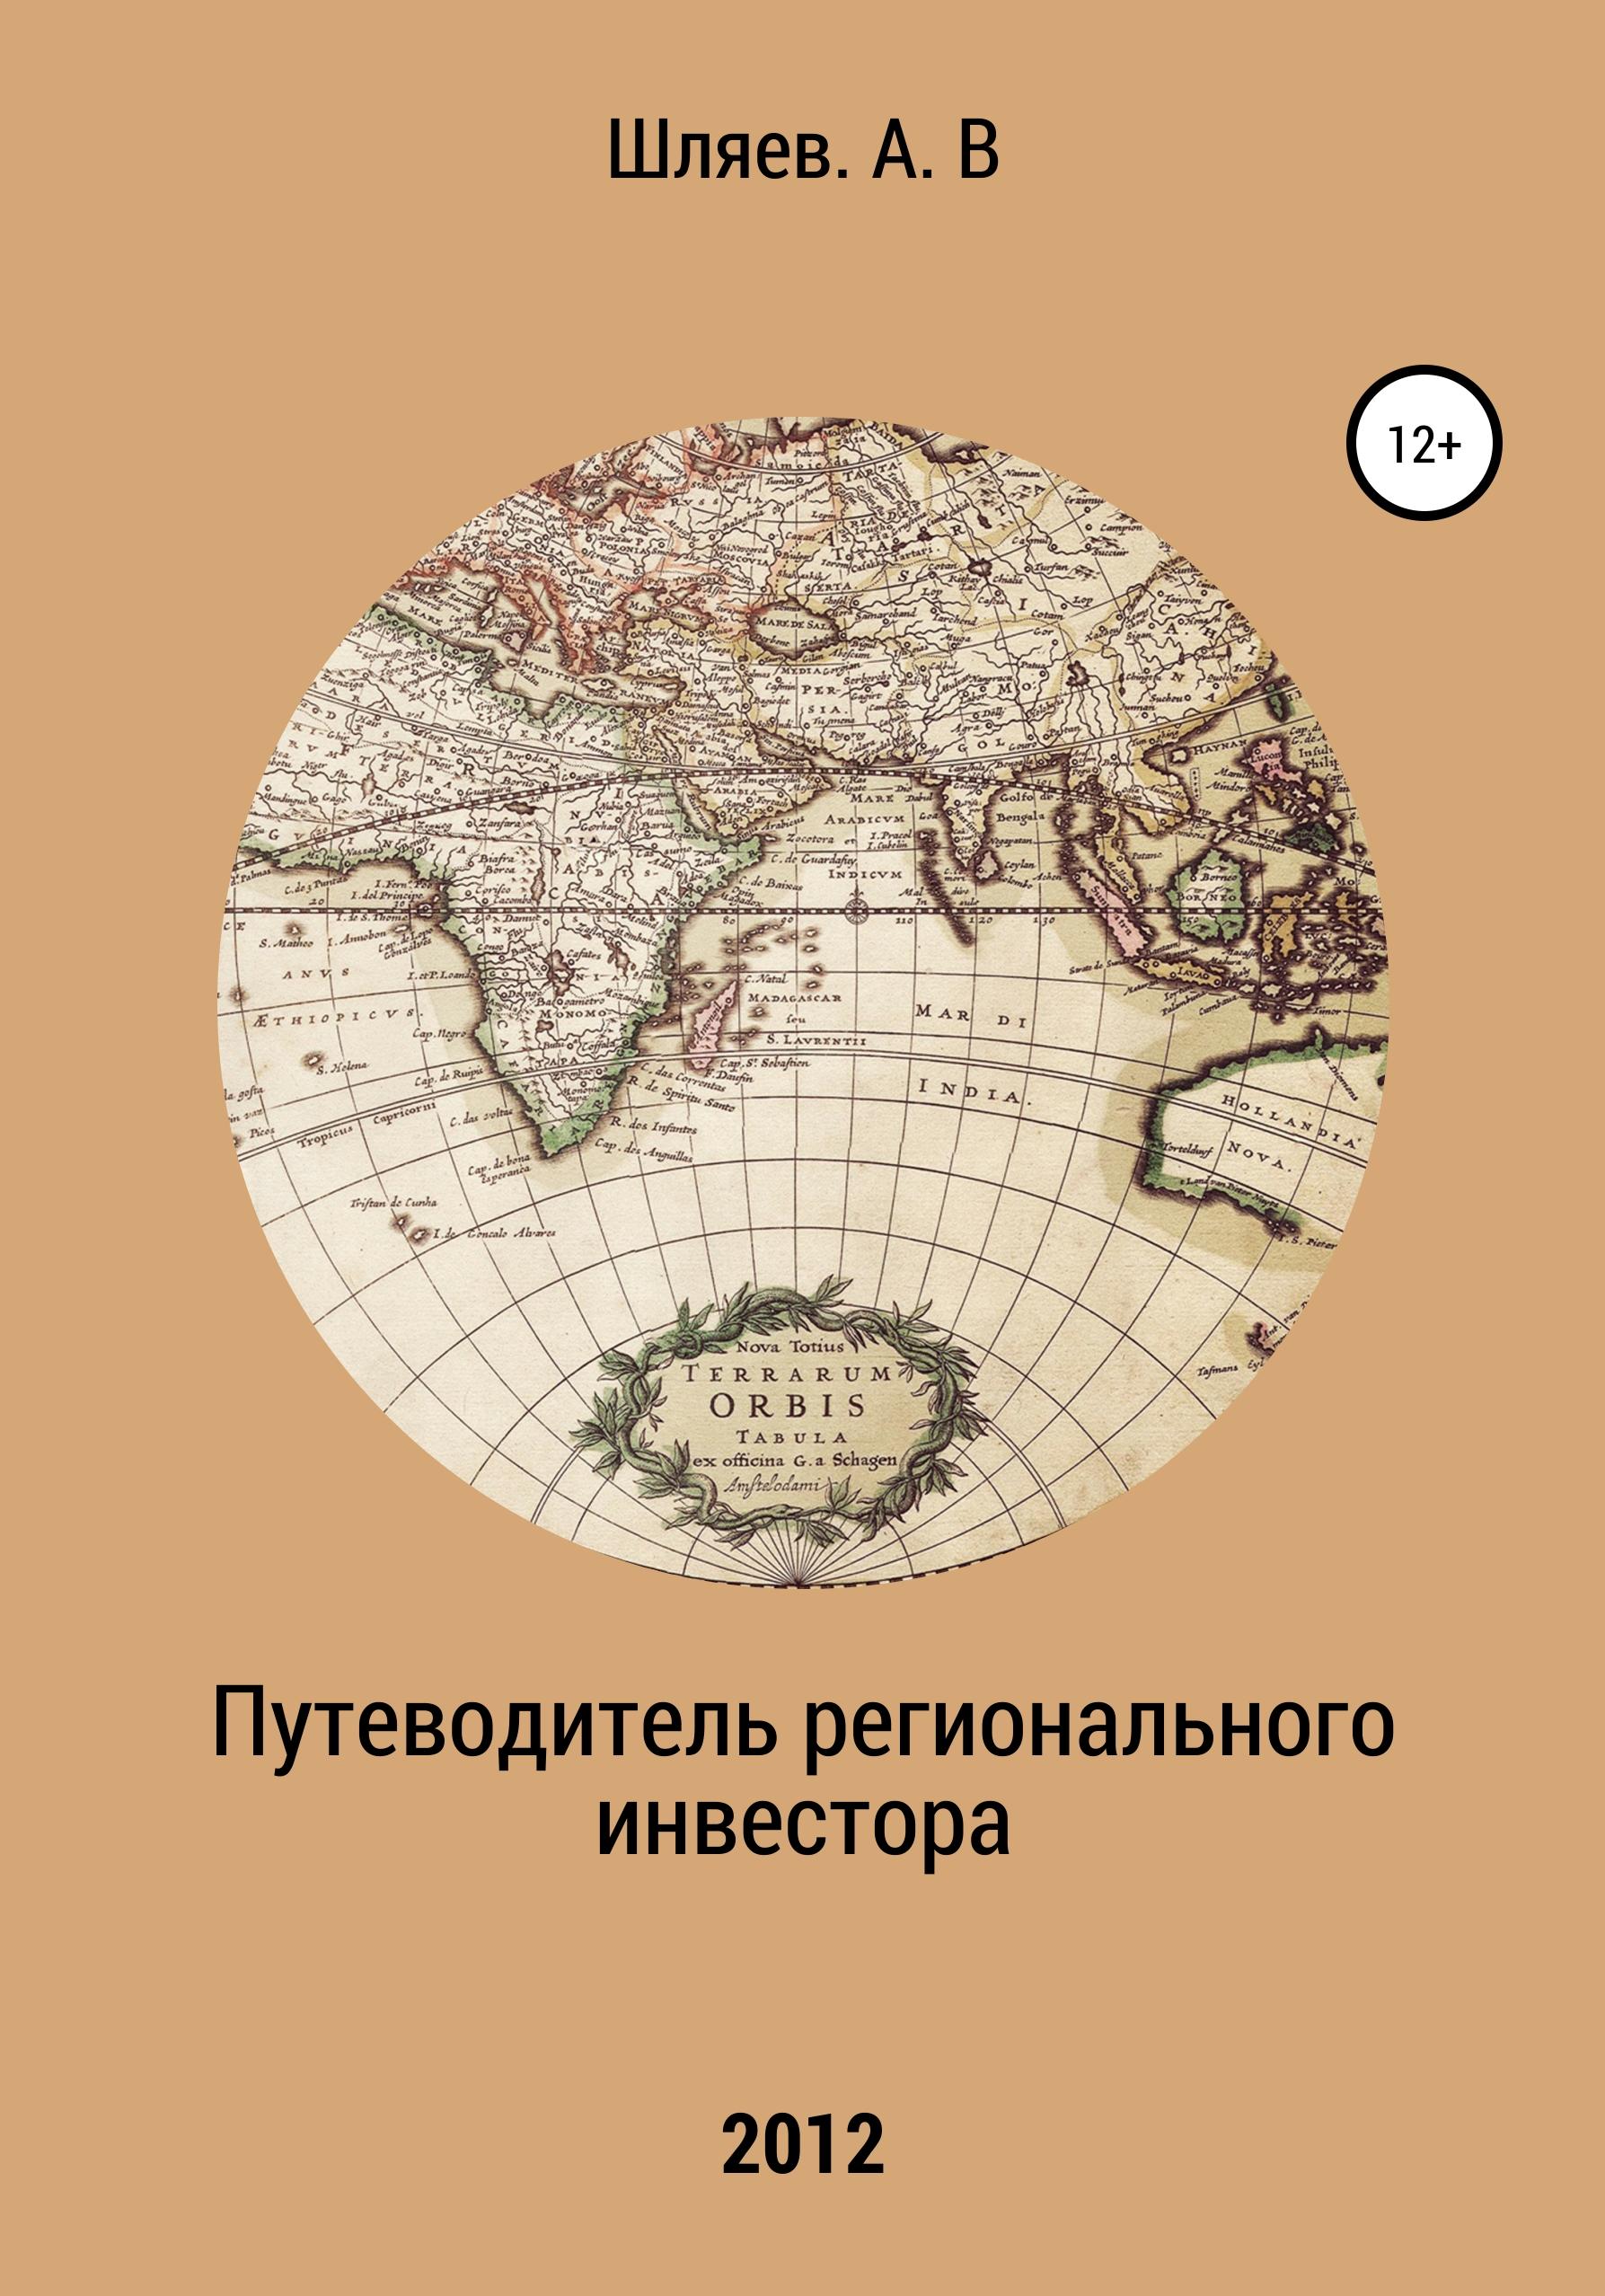 Обложка книги. Автор - Алексей Шляев